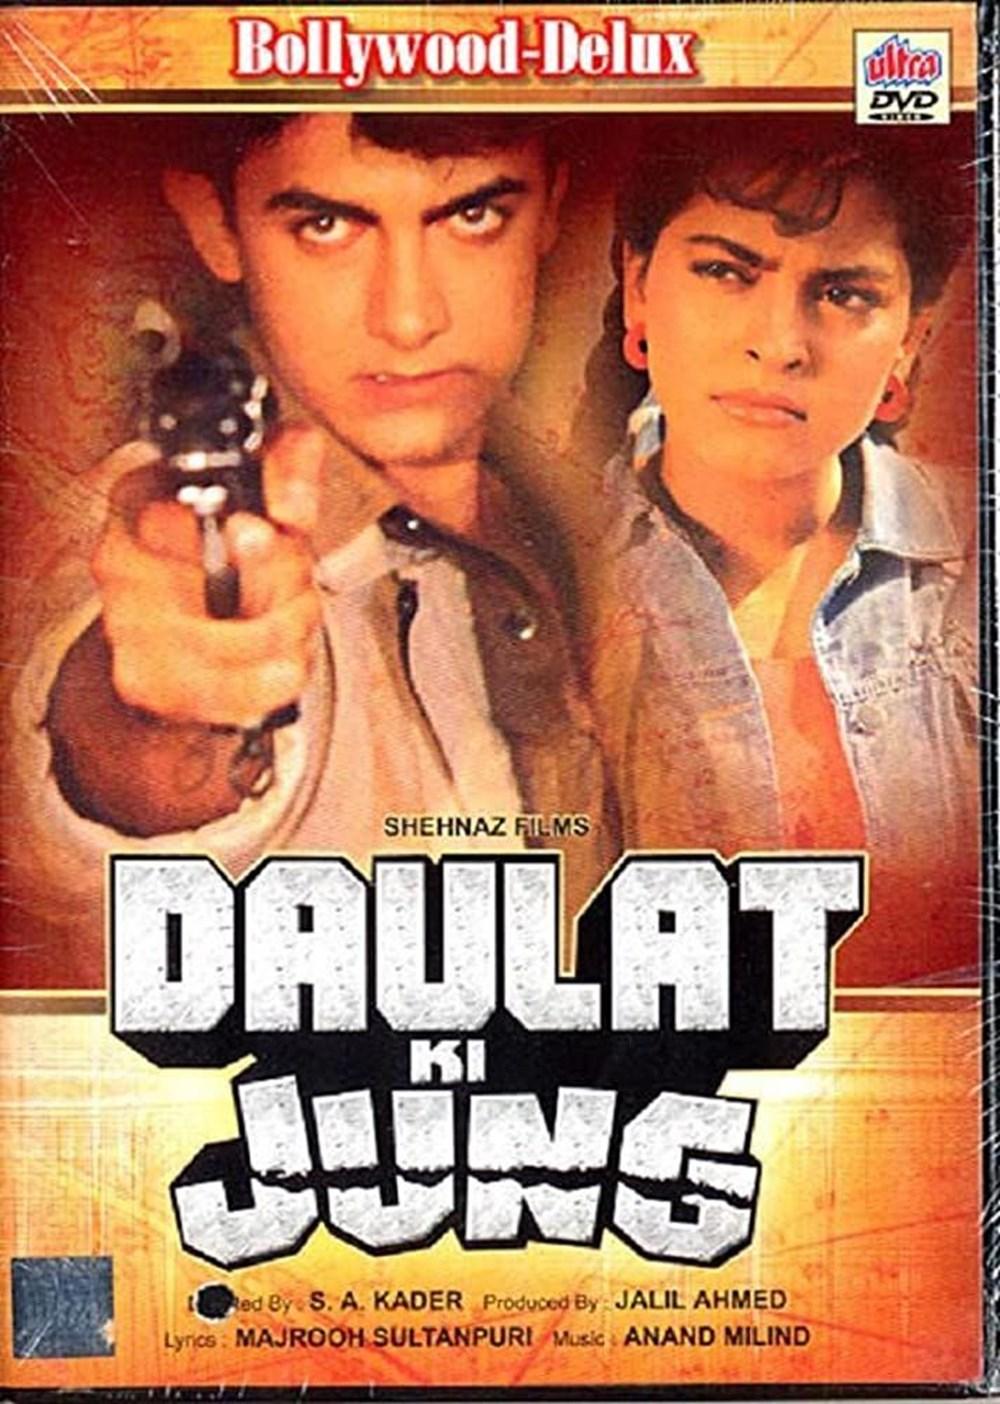 En iyi Aamir Khan filmleri (Aamir Khan'ın izlenmesi gereken filmleri) - 4